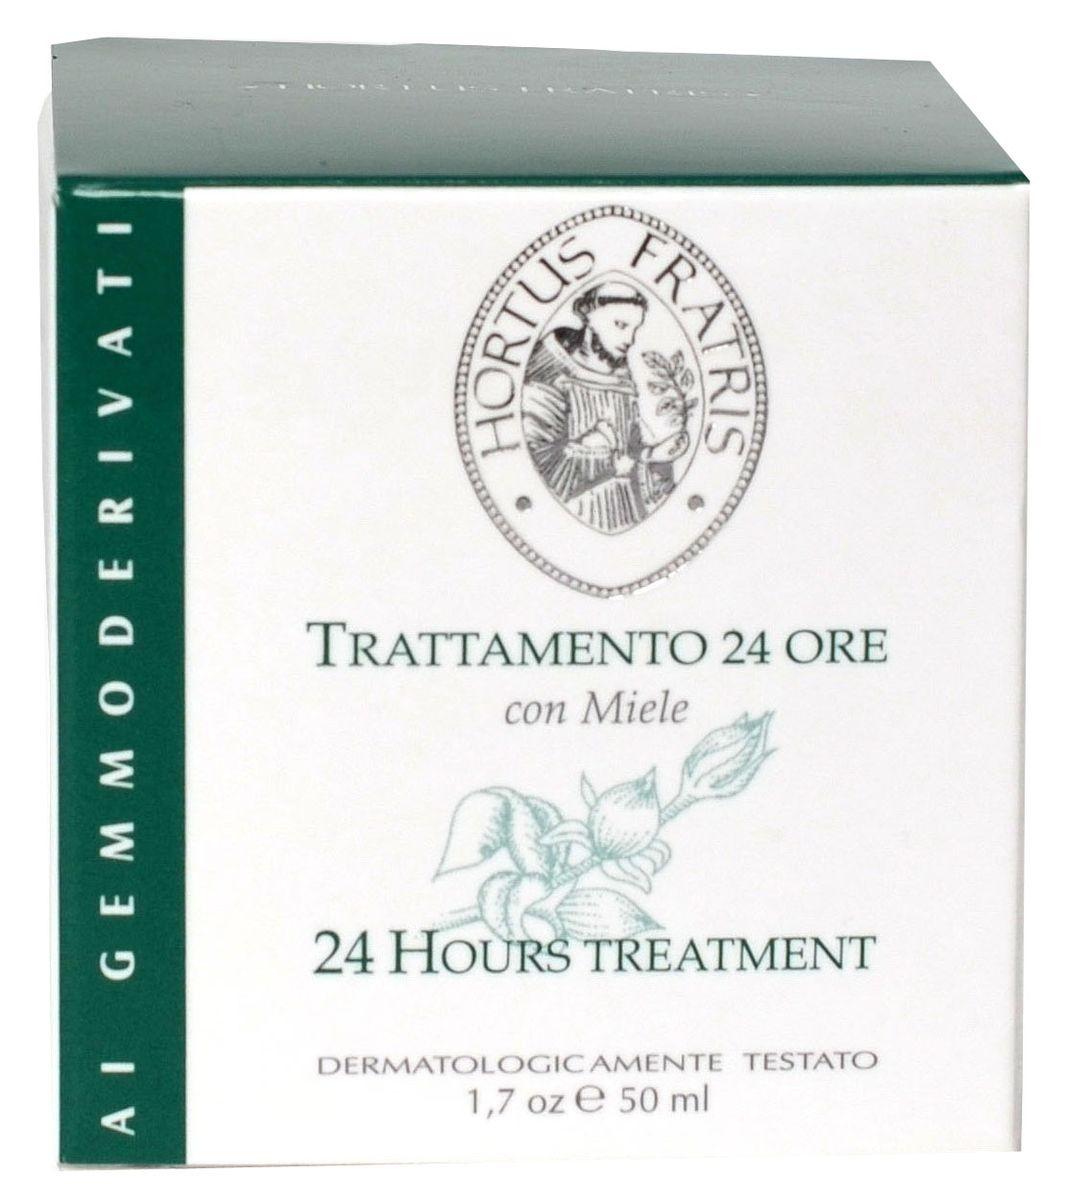 Hortus Fratris крем 24 часа для всех типов кожи, 50 мл12102Крем эффективно защищает и увлажняет кожу в течение всего дня. Самшит, мед и масляное дерево активно питают кожу и делают ее более эластичной и мягкой. Экстракты морских водорослей и бука лесного препятствуют преждевременному старению кожи, предупреждают появление морщинок. Крем содержит солнечные фильтры, которые защищают кожу от воздействия солнца и факторов окружающей среды. Имеет легкую текстуру, после нанесения не оставляет блеска, поэтому идеально подходит под макияж.